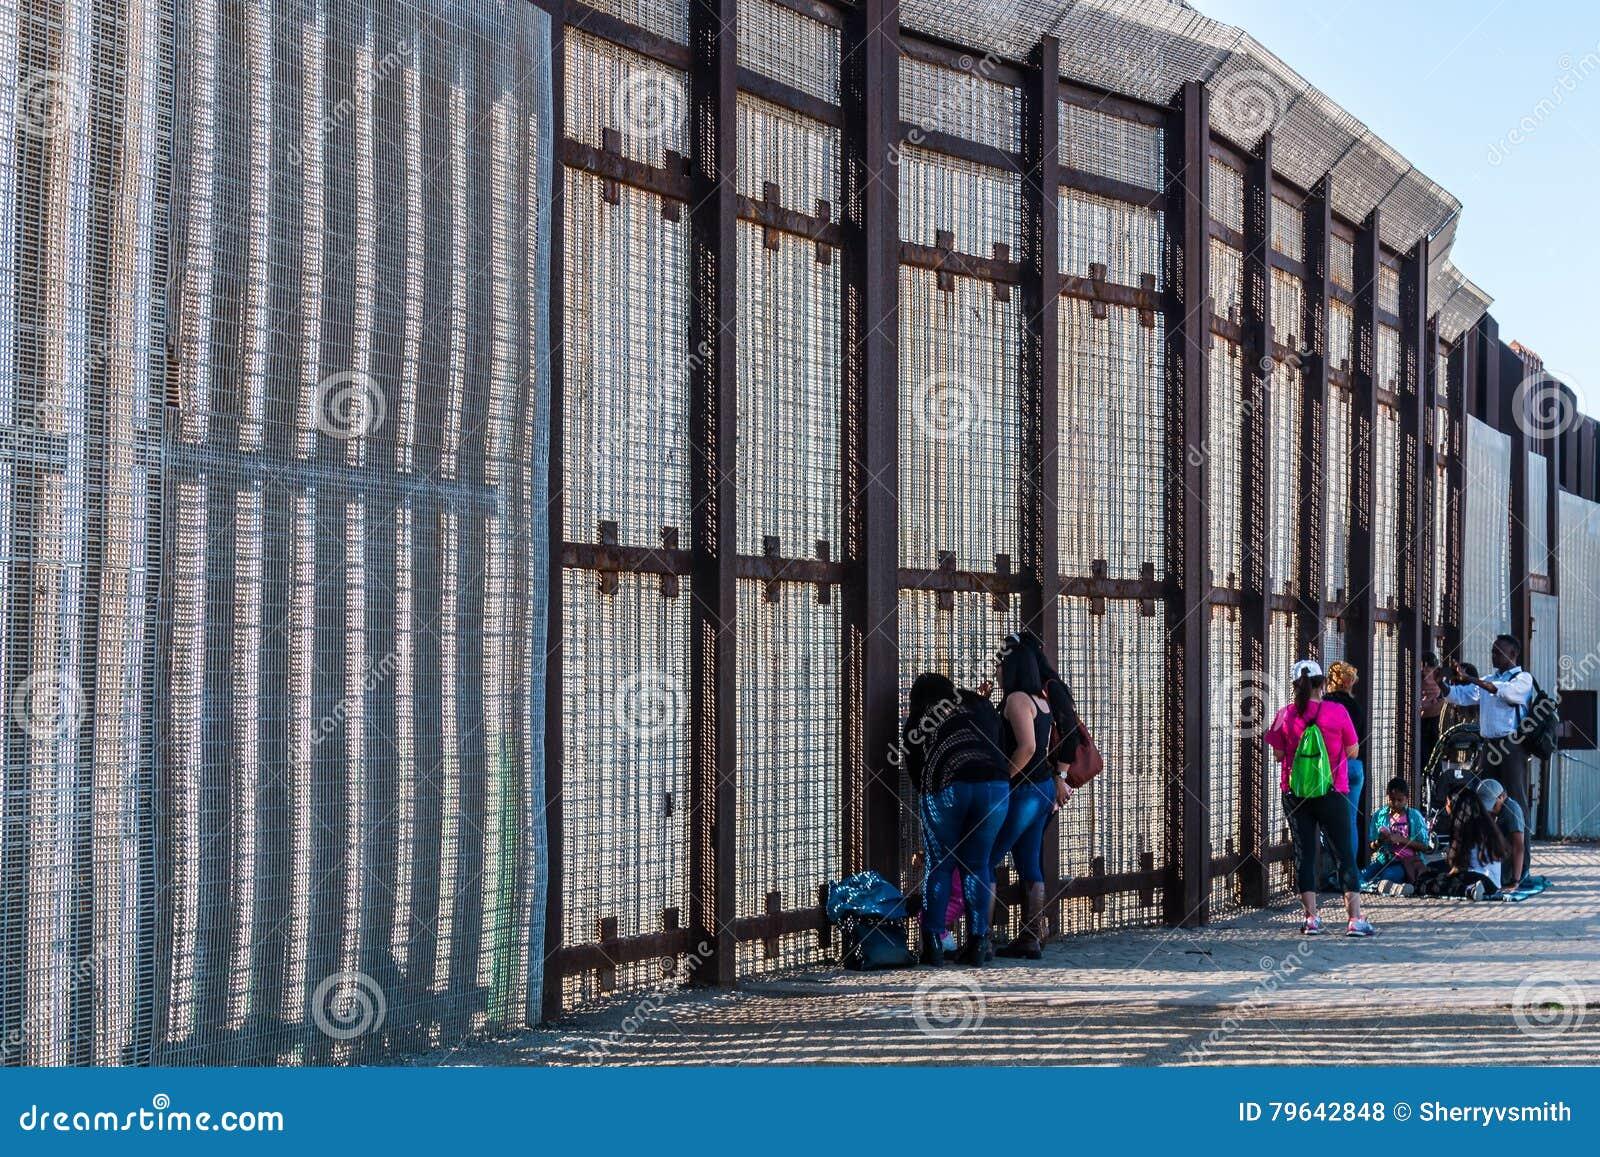 友谊公园在圣地亚哥和提华纳之间的边界墙壁